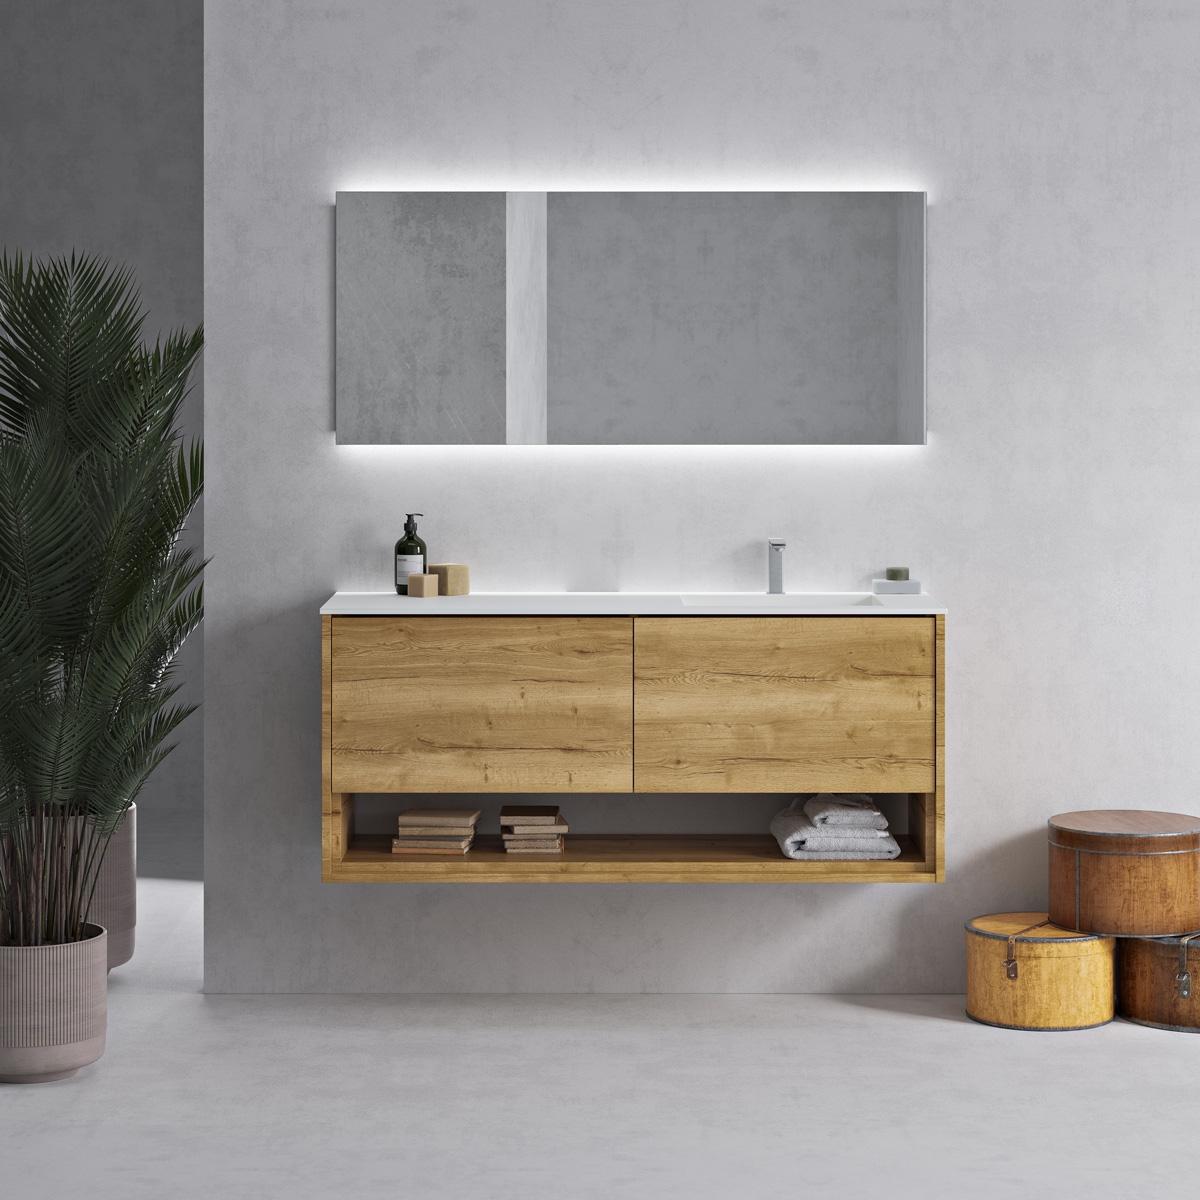 Meuble carthage en chêne massif et lavabo Corian®